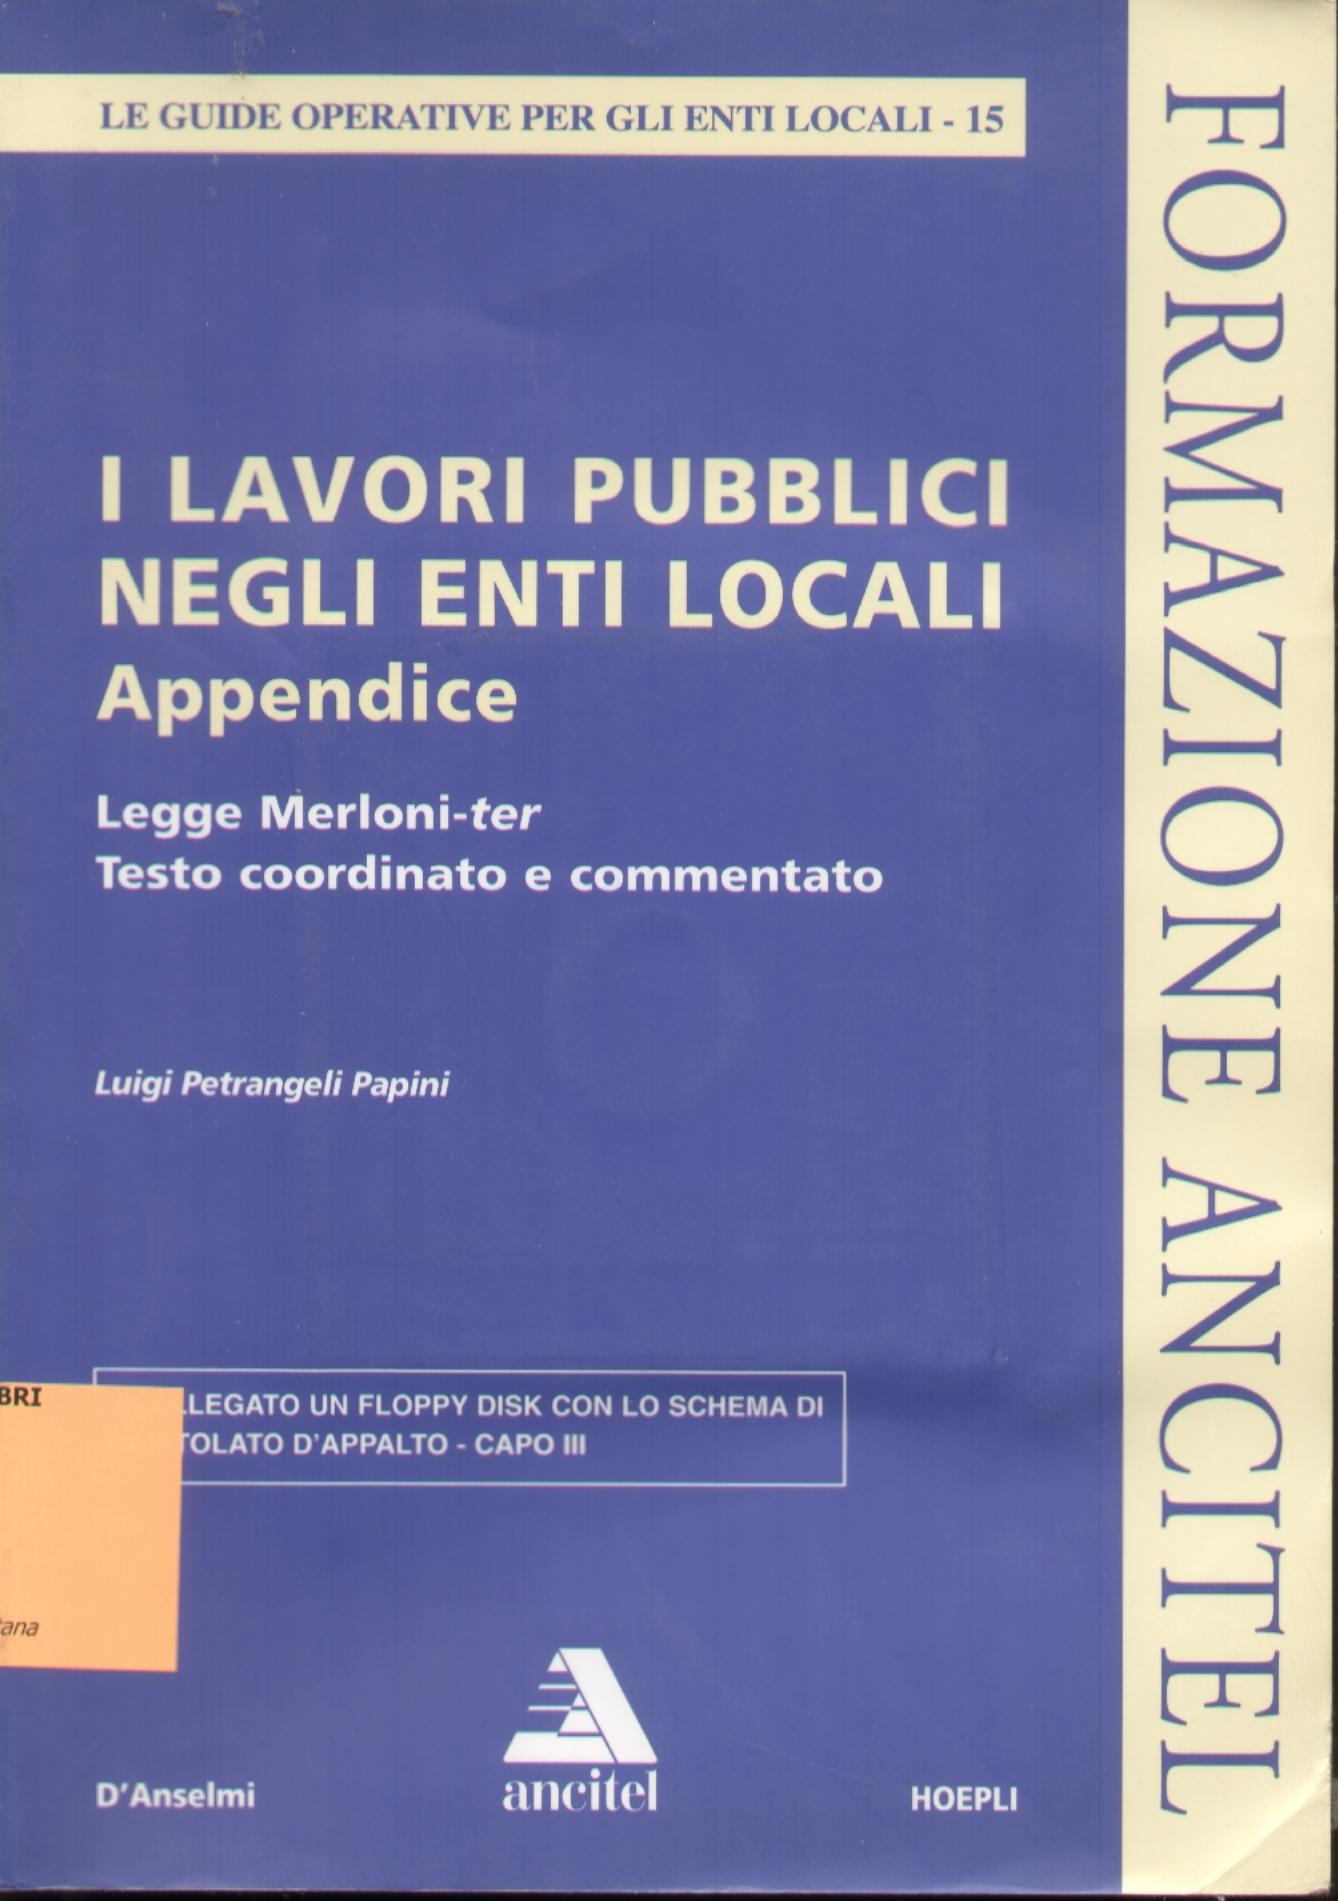 I lavori pubblici negli enti locali